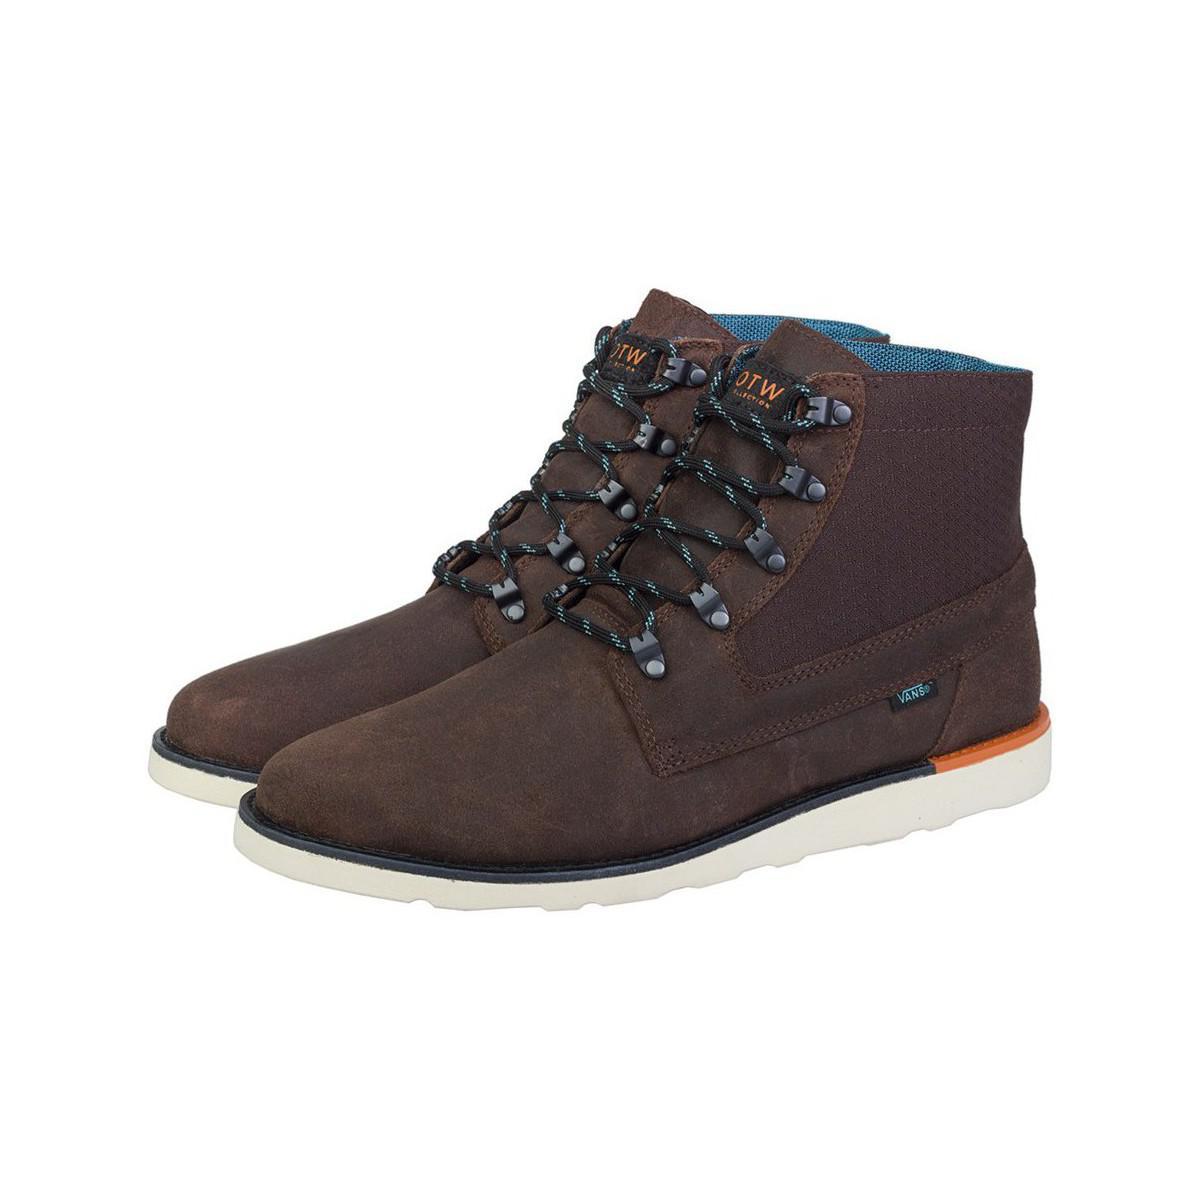 Vans Footwear Breton Boot in Brown for Men